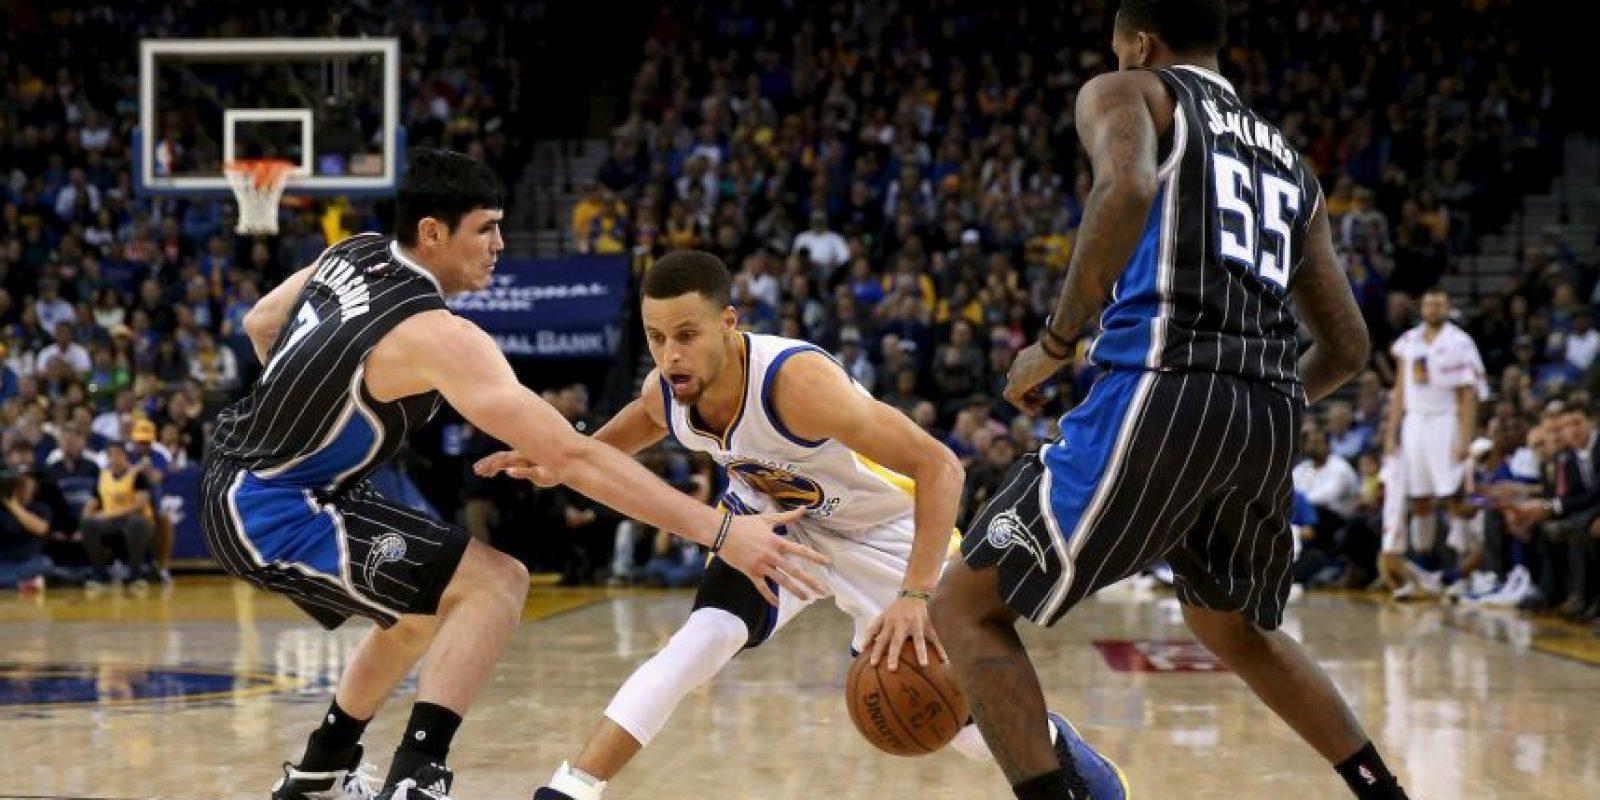 Deben ganar los tres juegos restantes para superar el récord de Jordan y los Bulls Foto:Getty Images